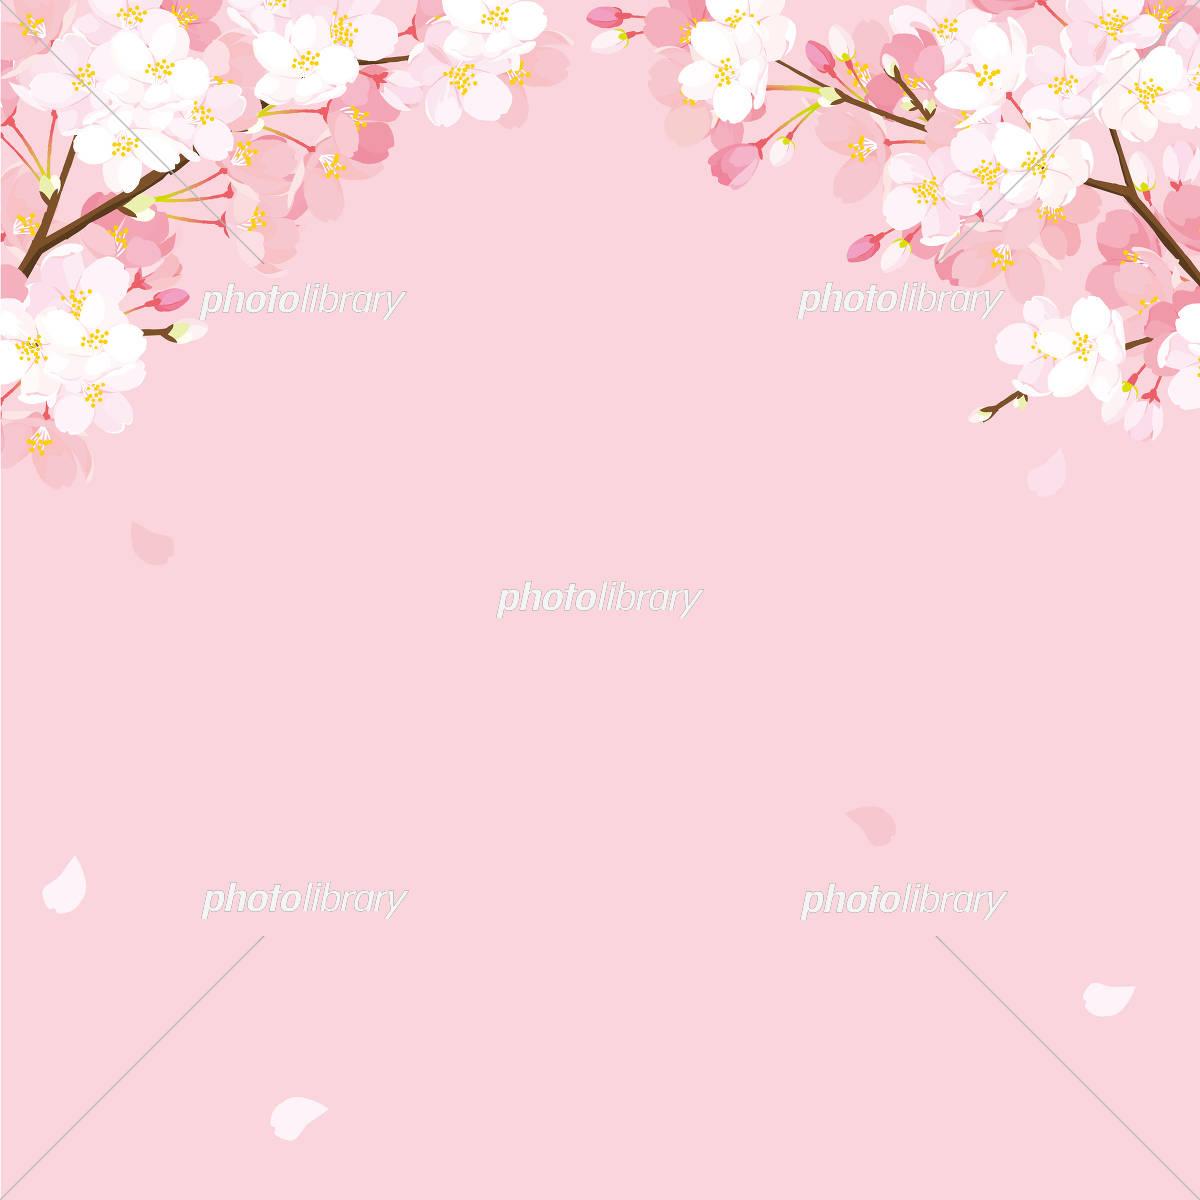 桜 背景イラスト イラスト素材 [ 5334557 ] - フォトライブラリー